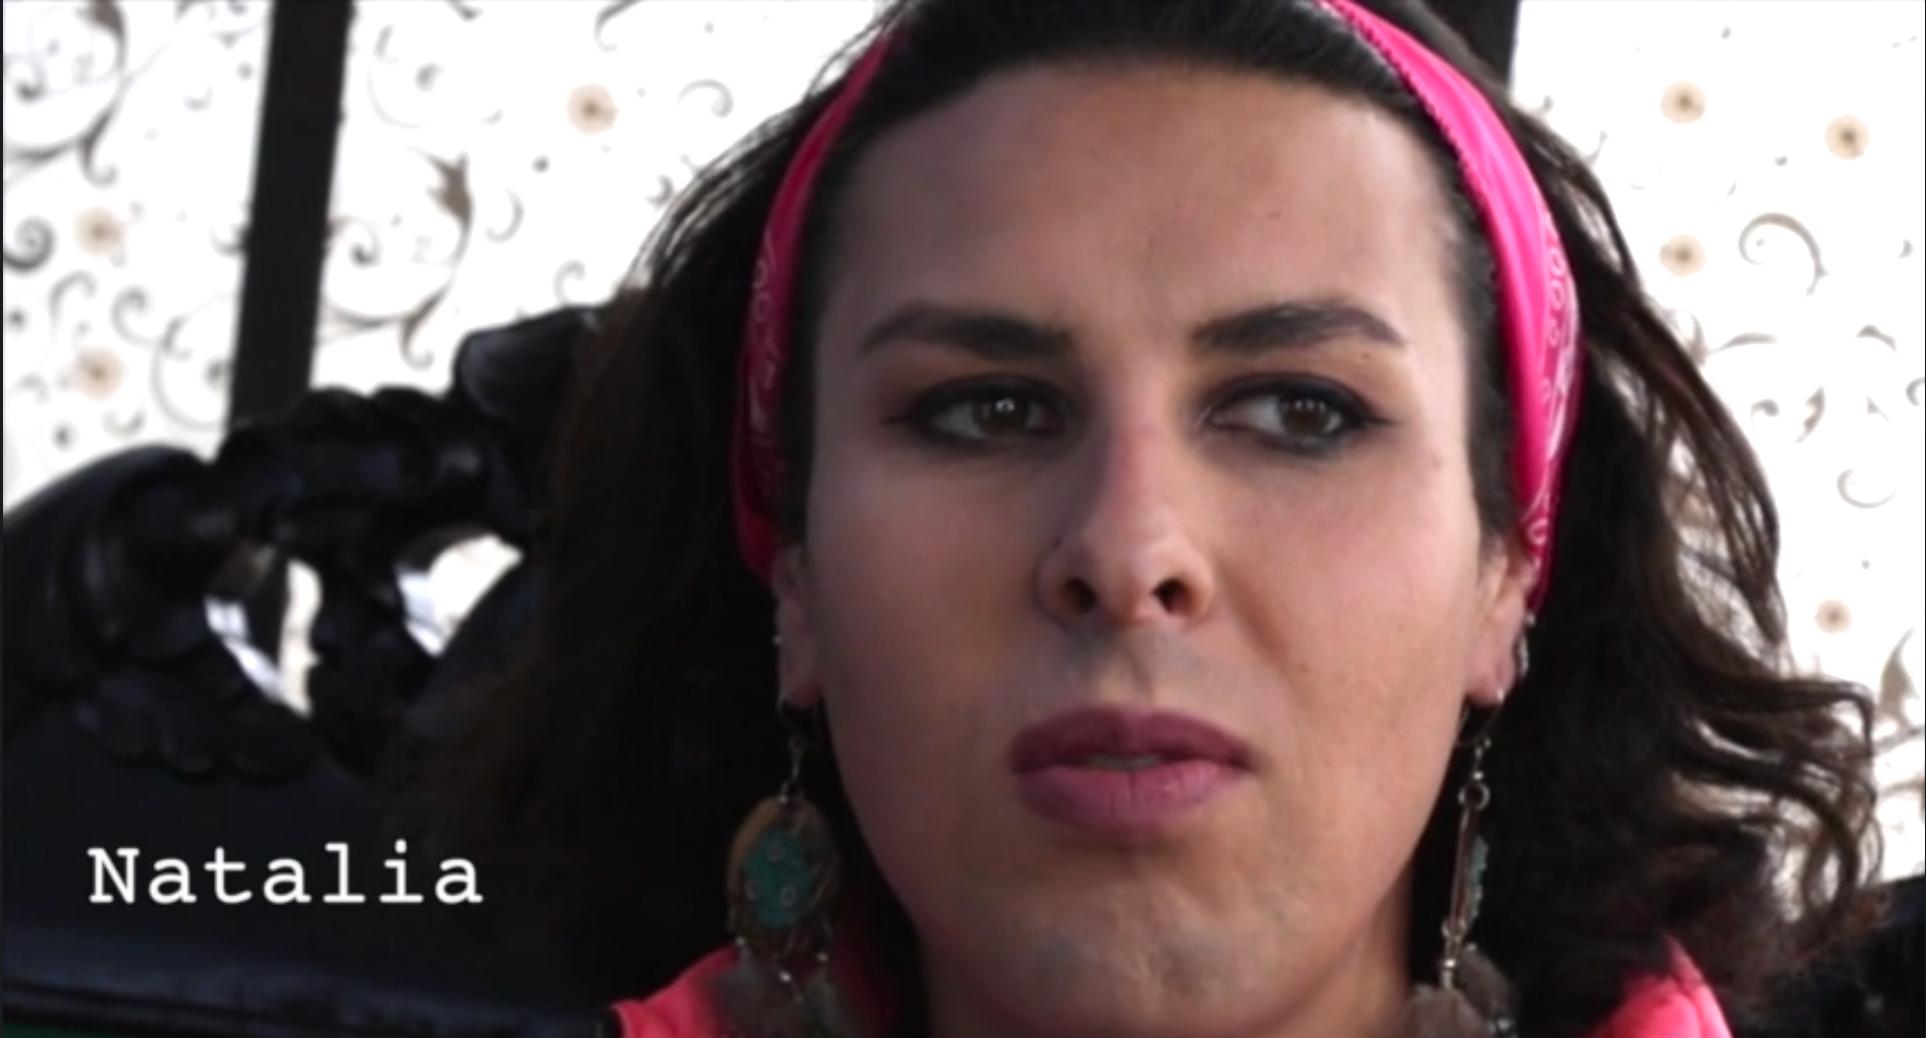 natalia, mujer trans